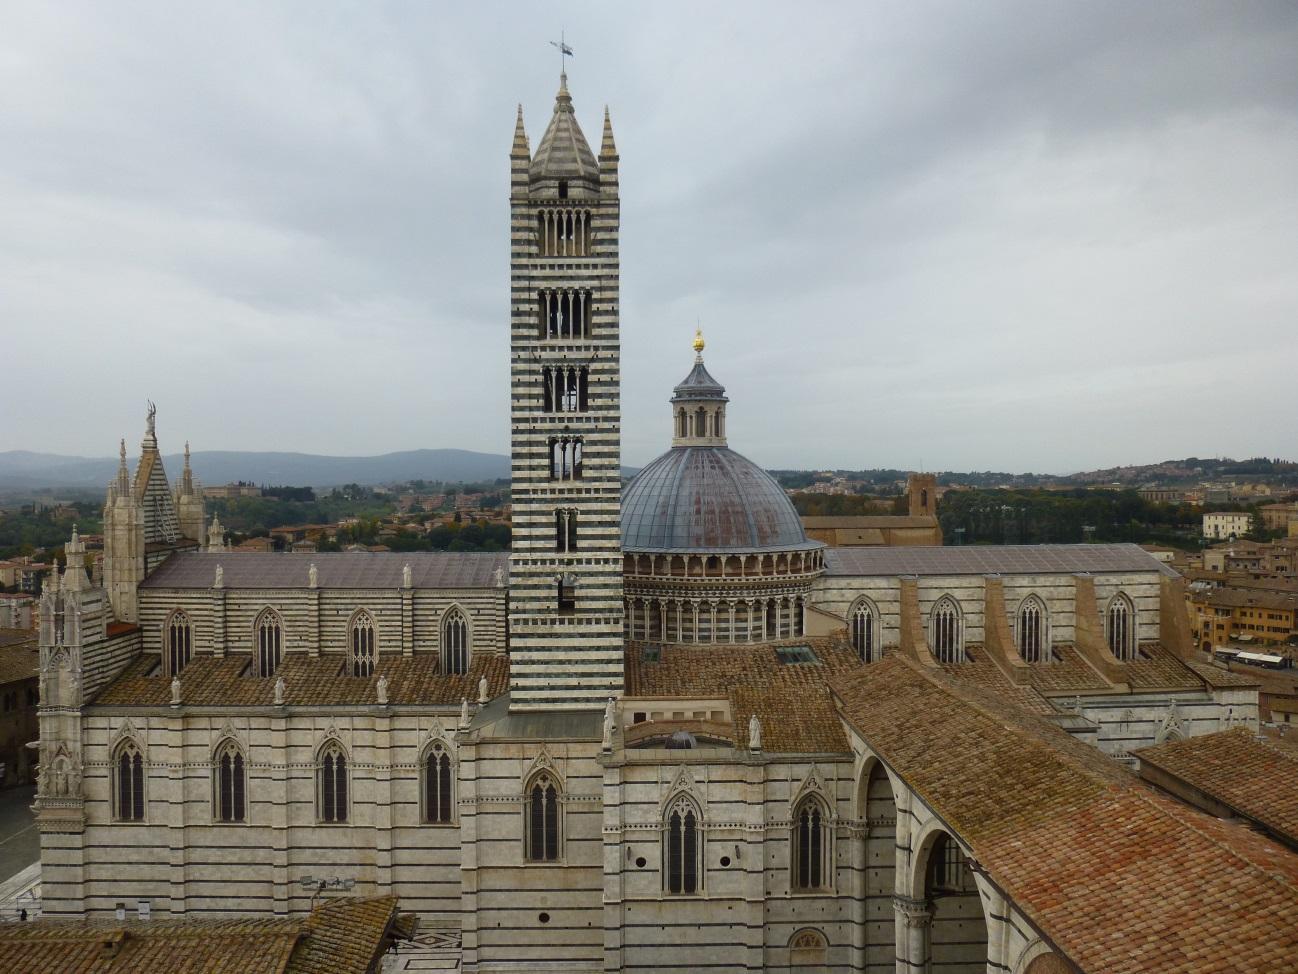 C:\Users\Gonzalo\Desktop\Documentos\Fotografías\La Toscana\103_PANA\P1030050.JPG